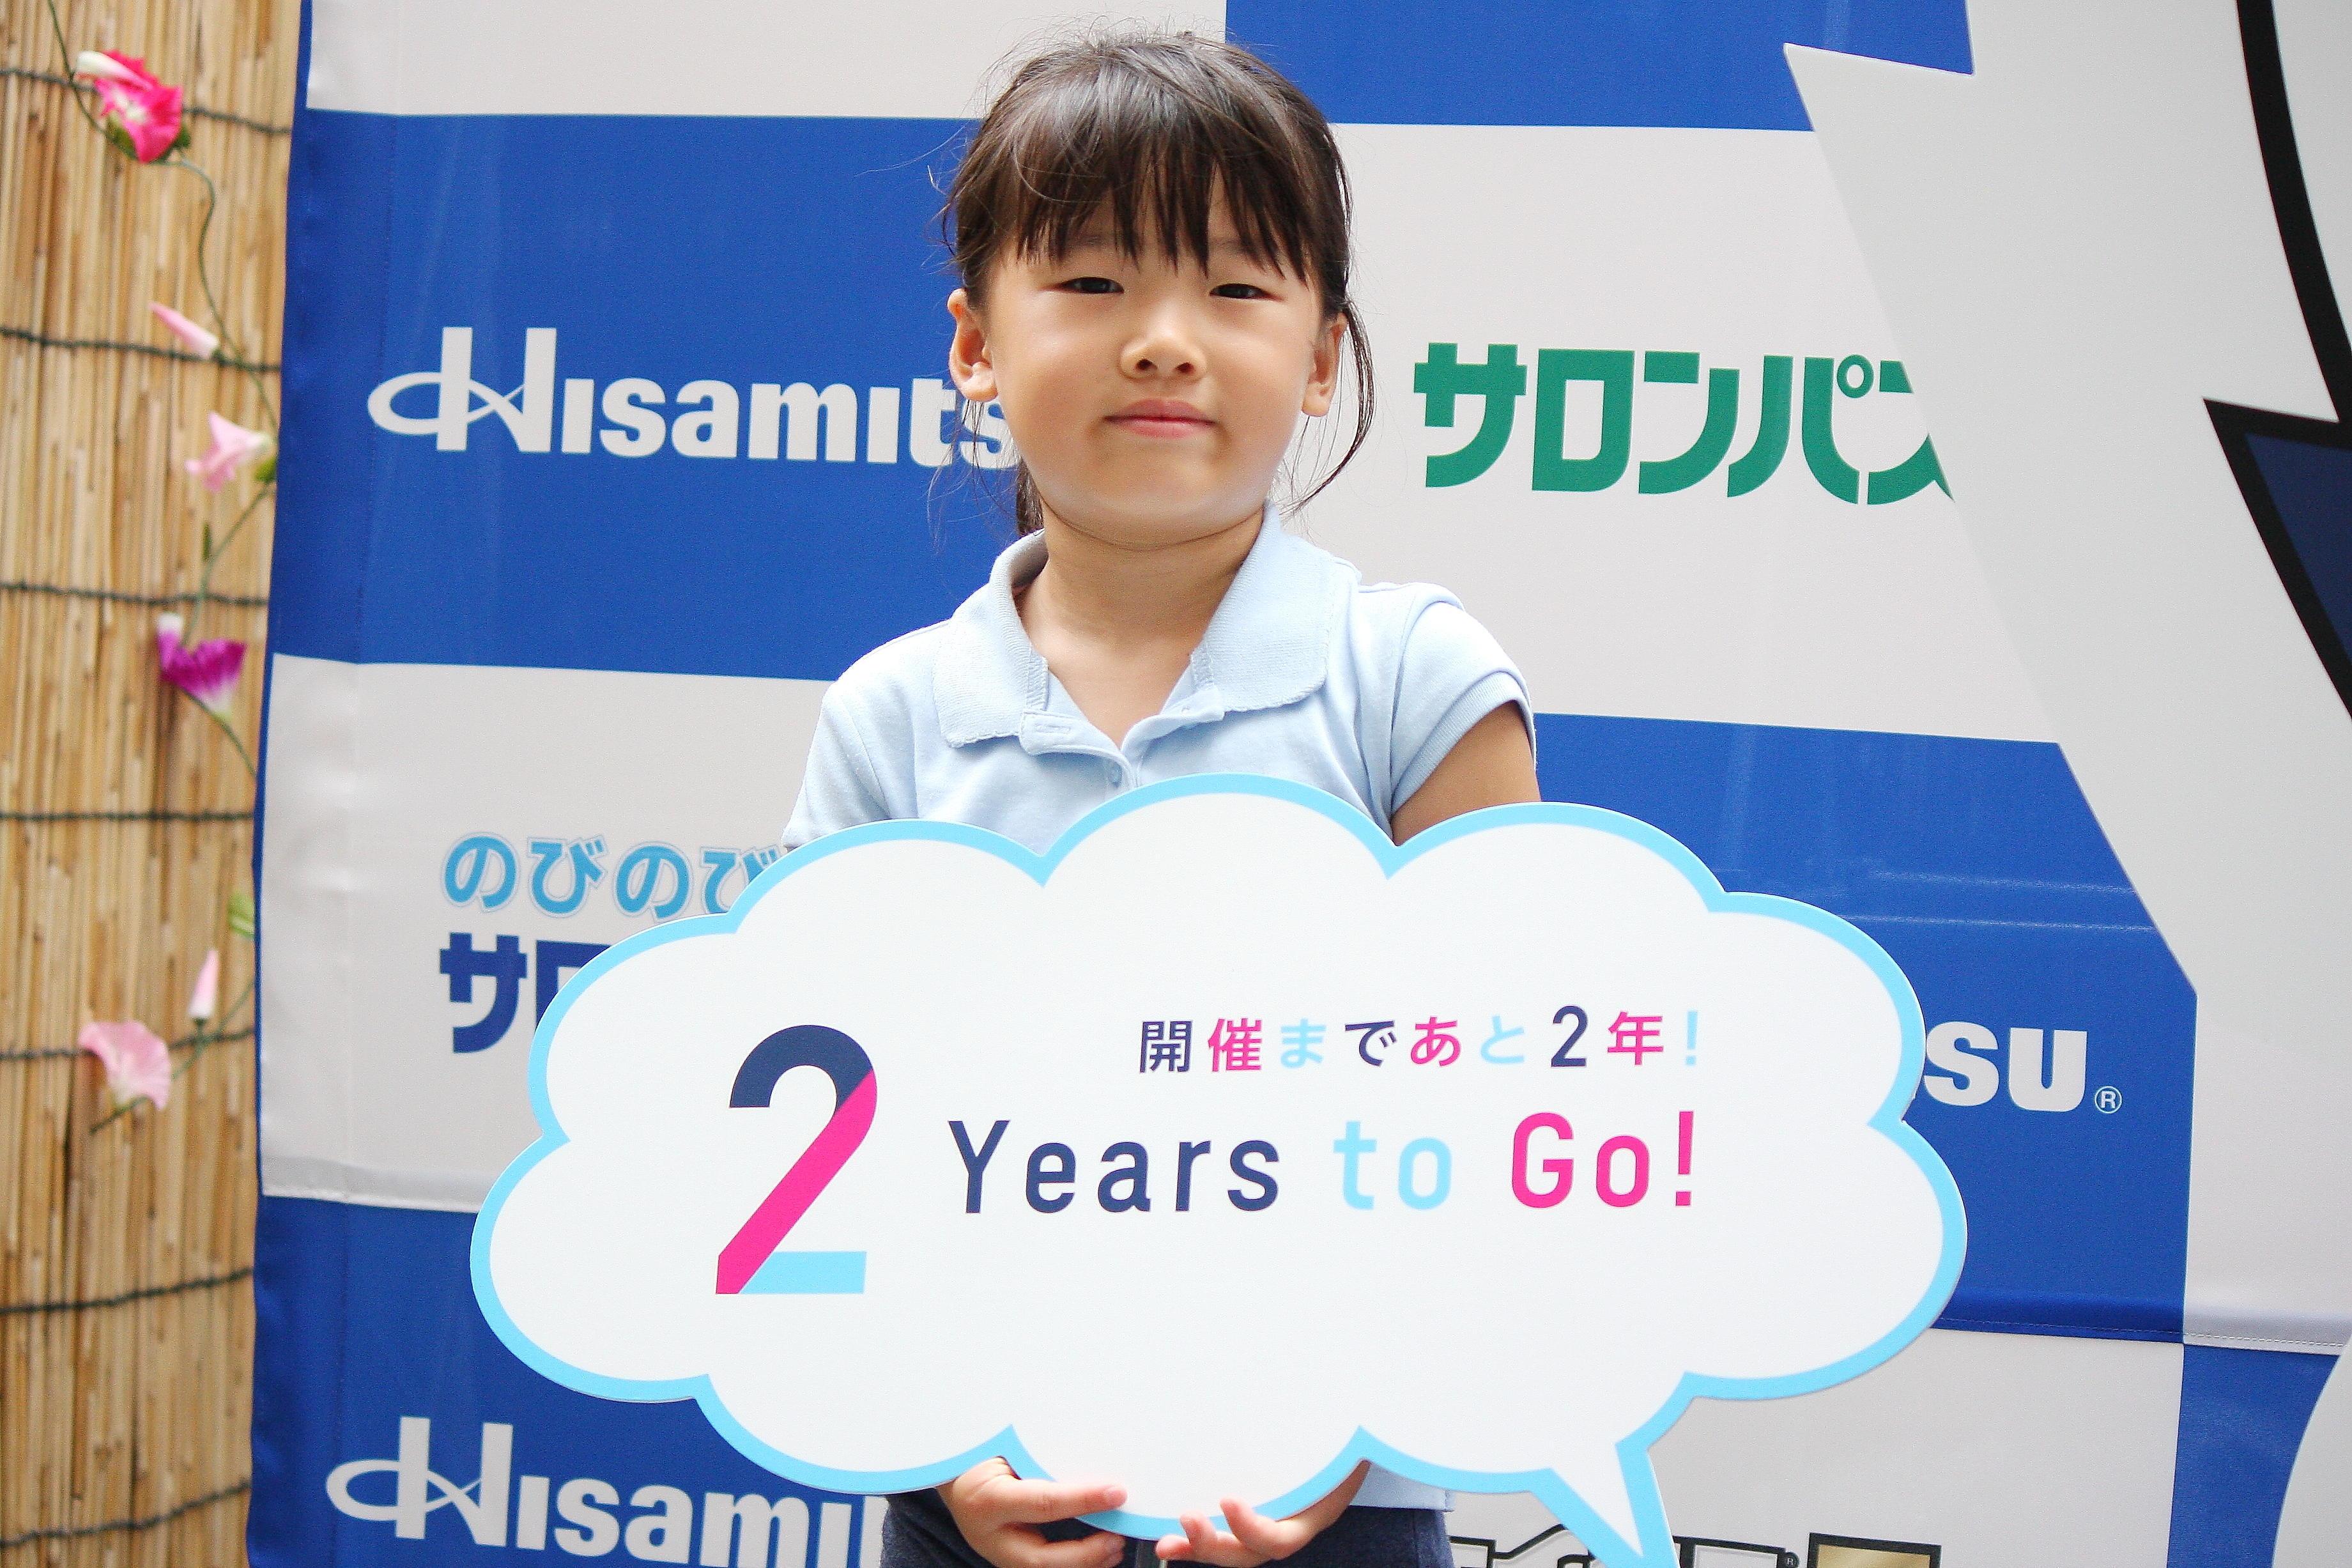 http://news.yoshimoto.co.jp/20180730144142-fe925a96cdd3326e0139d1850651a2f497d75bd2.jpg